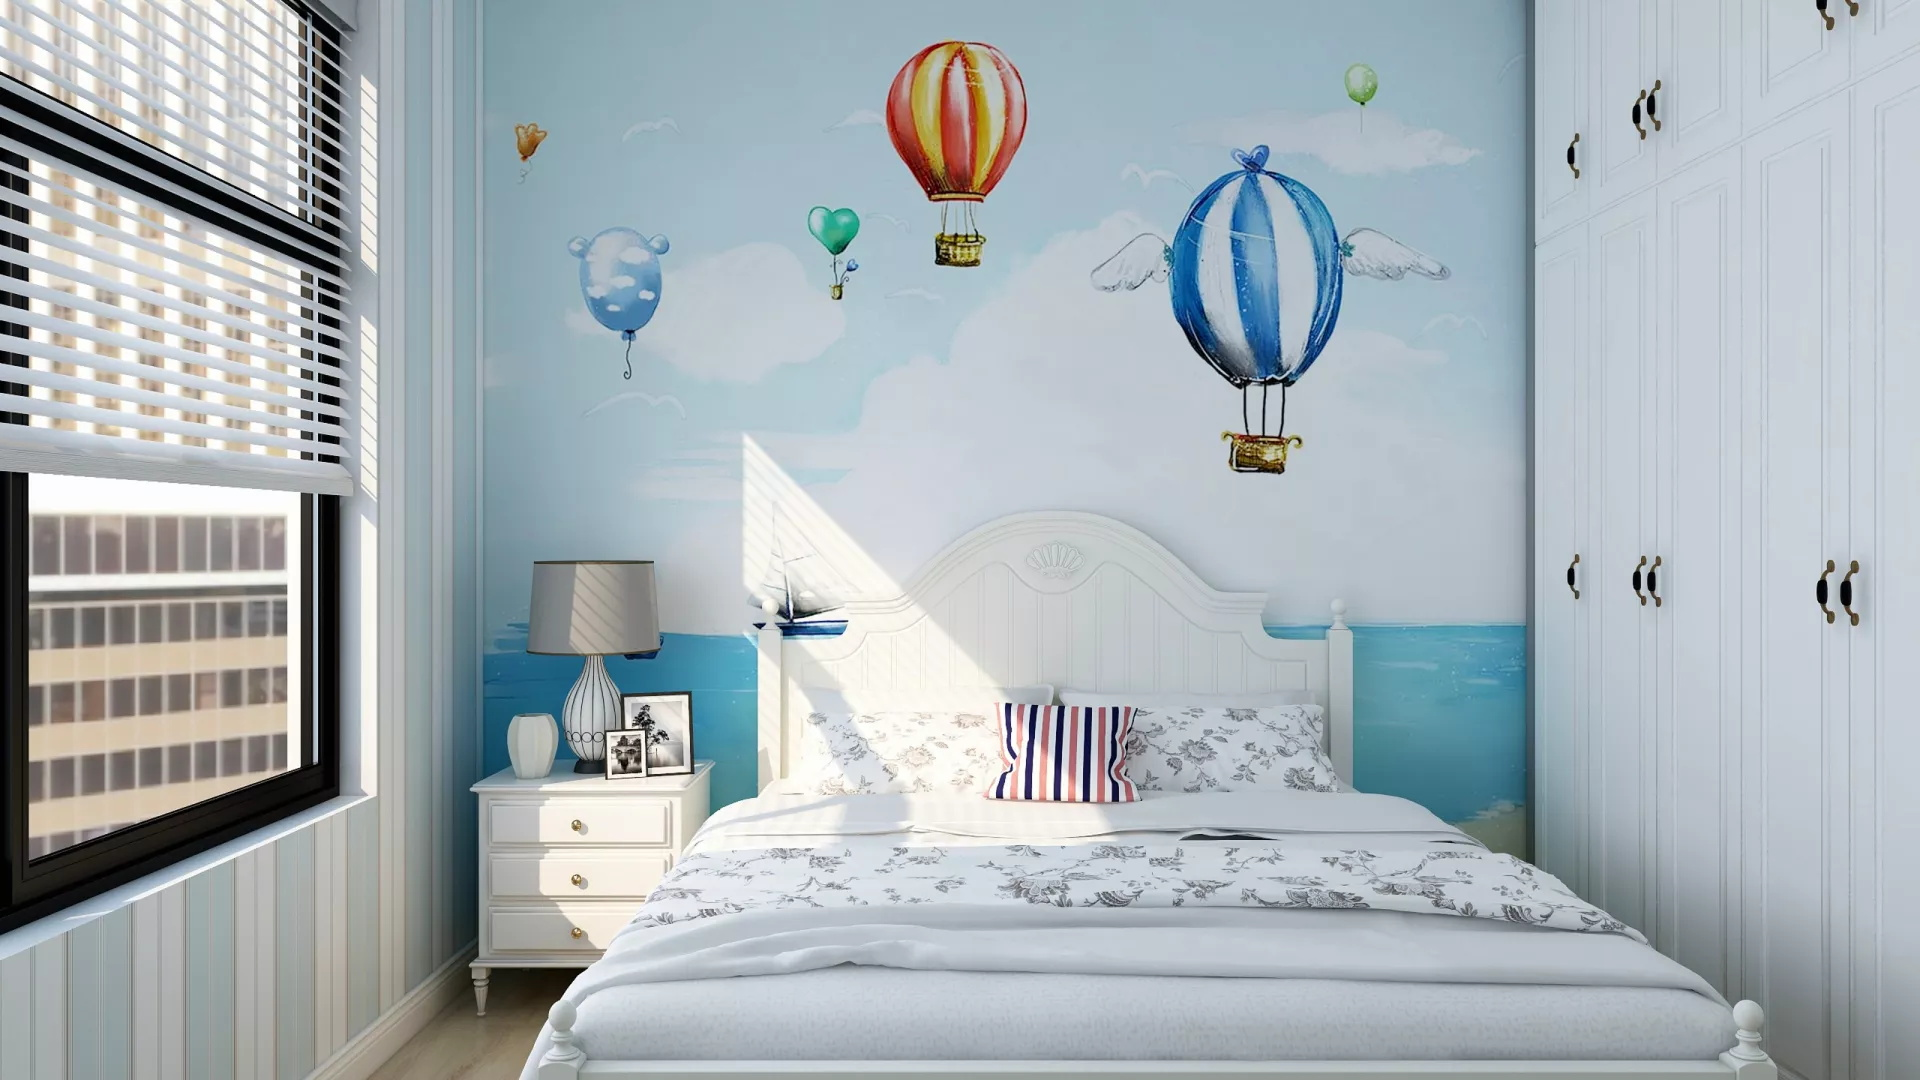 盈康世家护墙板好不好 盈空世家护墙板有哪些优点